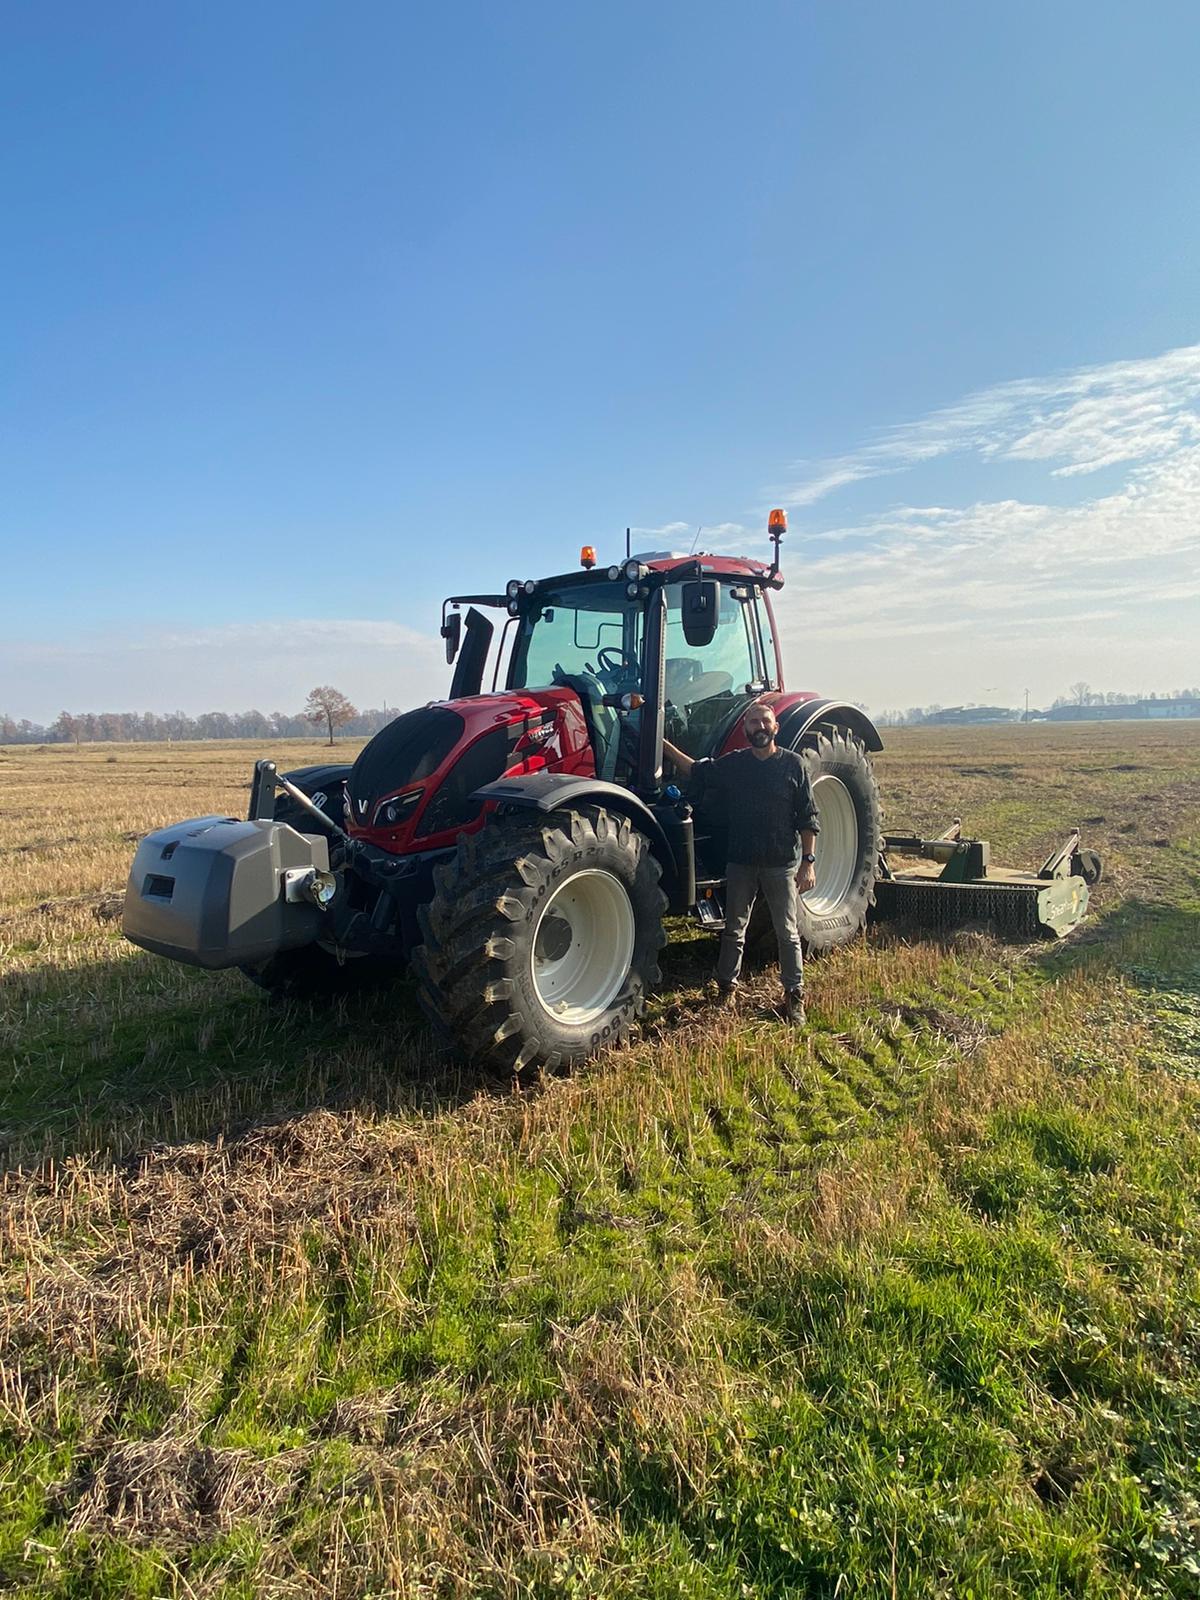 Consegnato 🎉 VALTRA serie N174 direct 🚜 a Gattinera farm di Salussola (Bi) 🔥💣